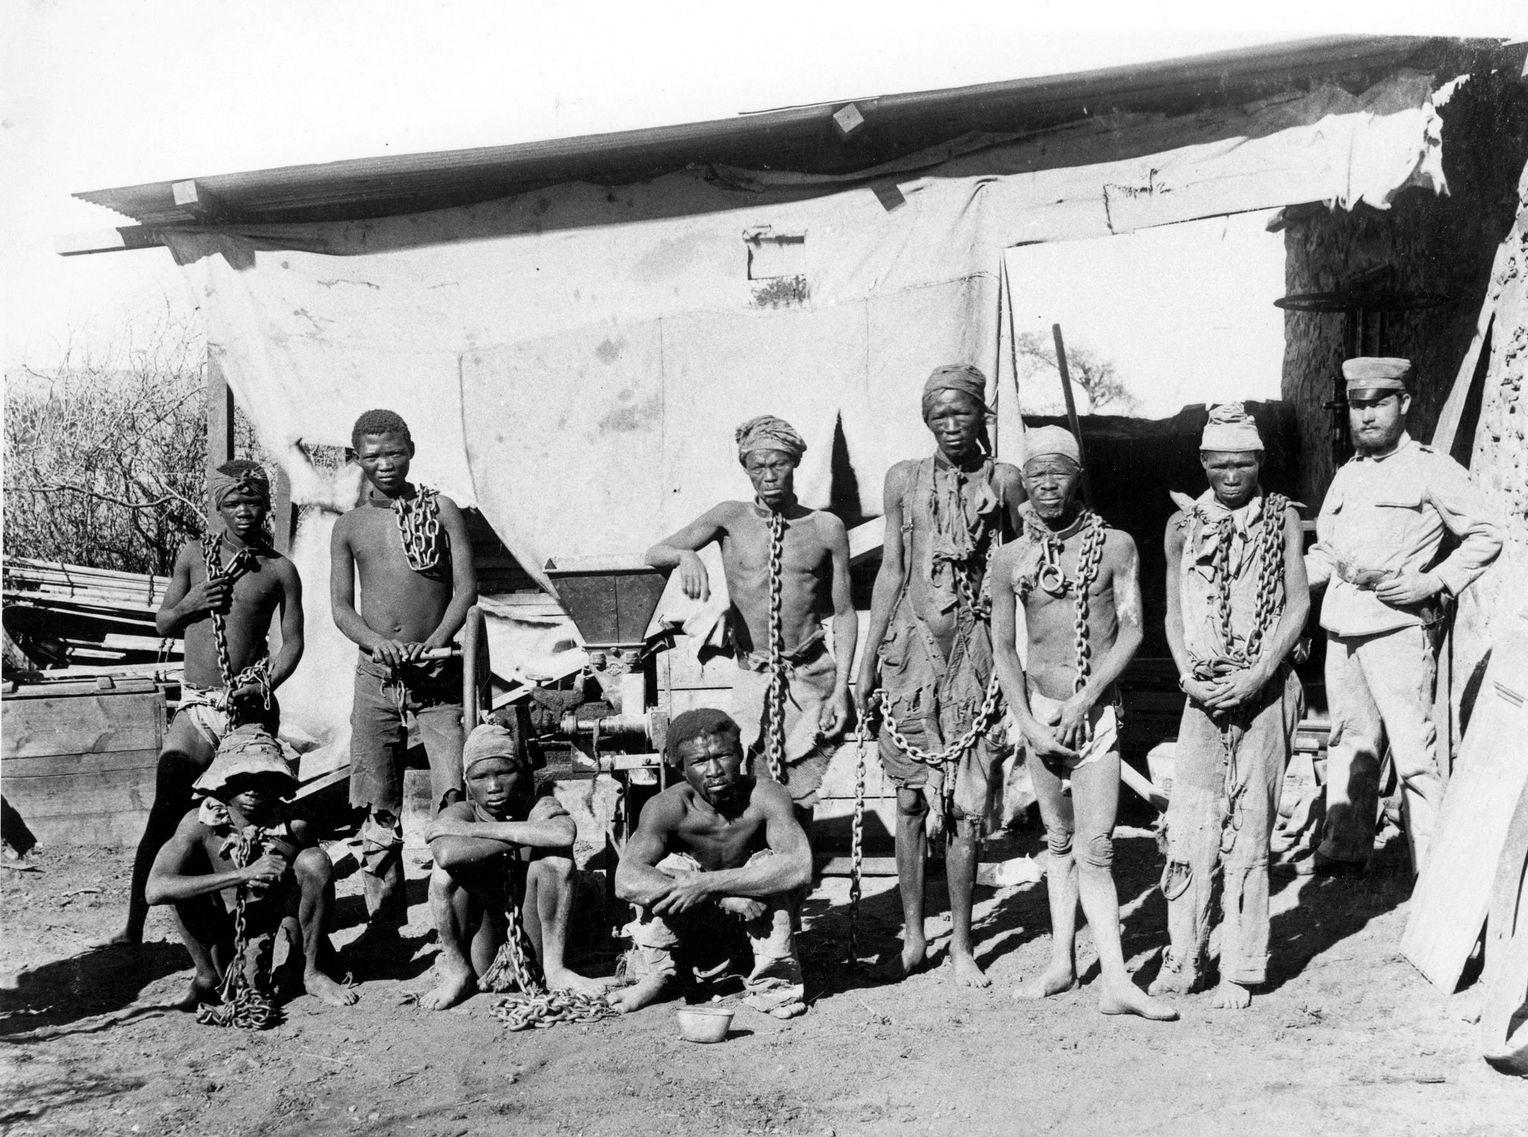 Военнопленные: Выжившие гереро были заключены в концентрационные лагеря. Немецкий колониализм.